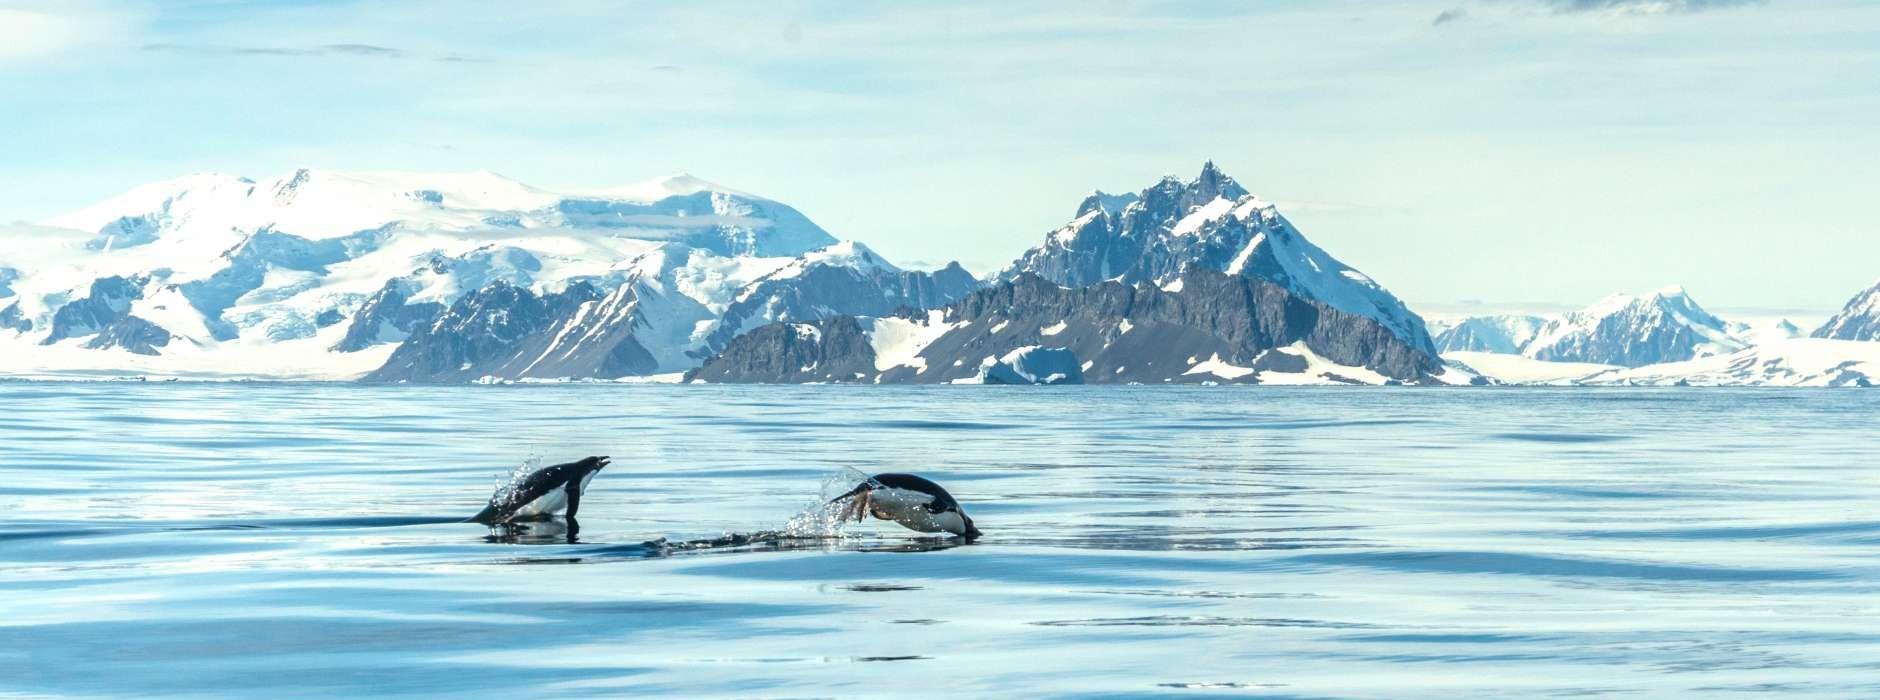 Antarctica Cruises 2018  Swoop Antarctica